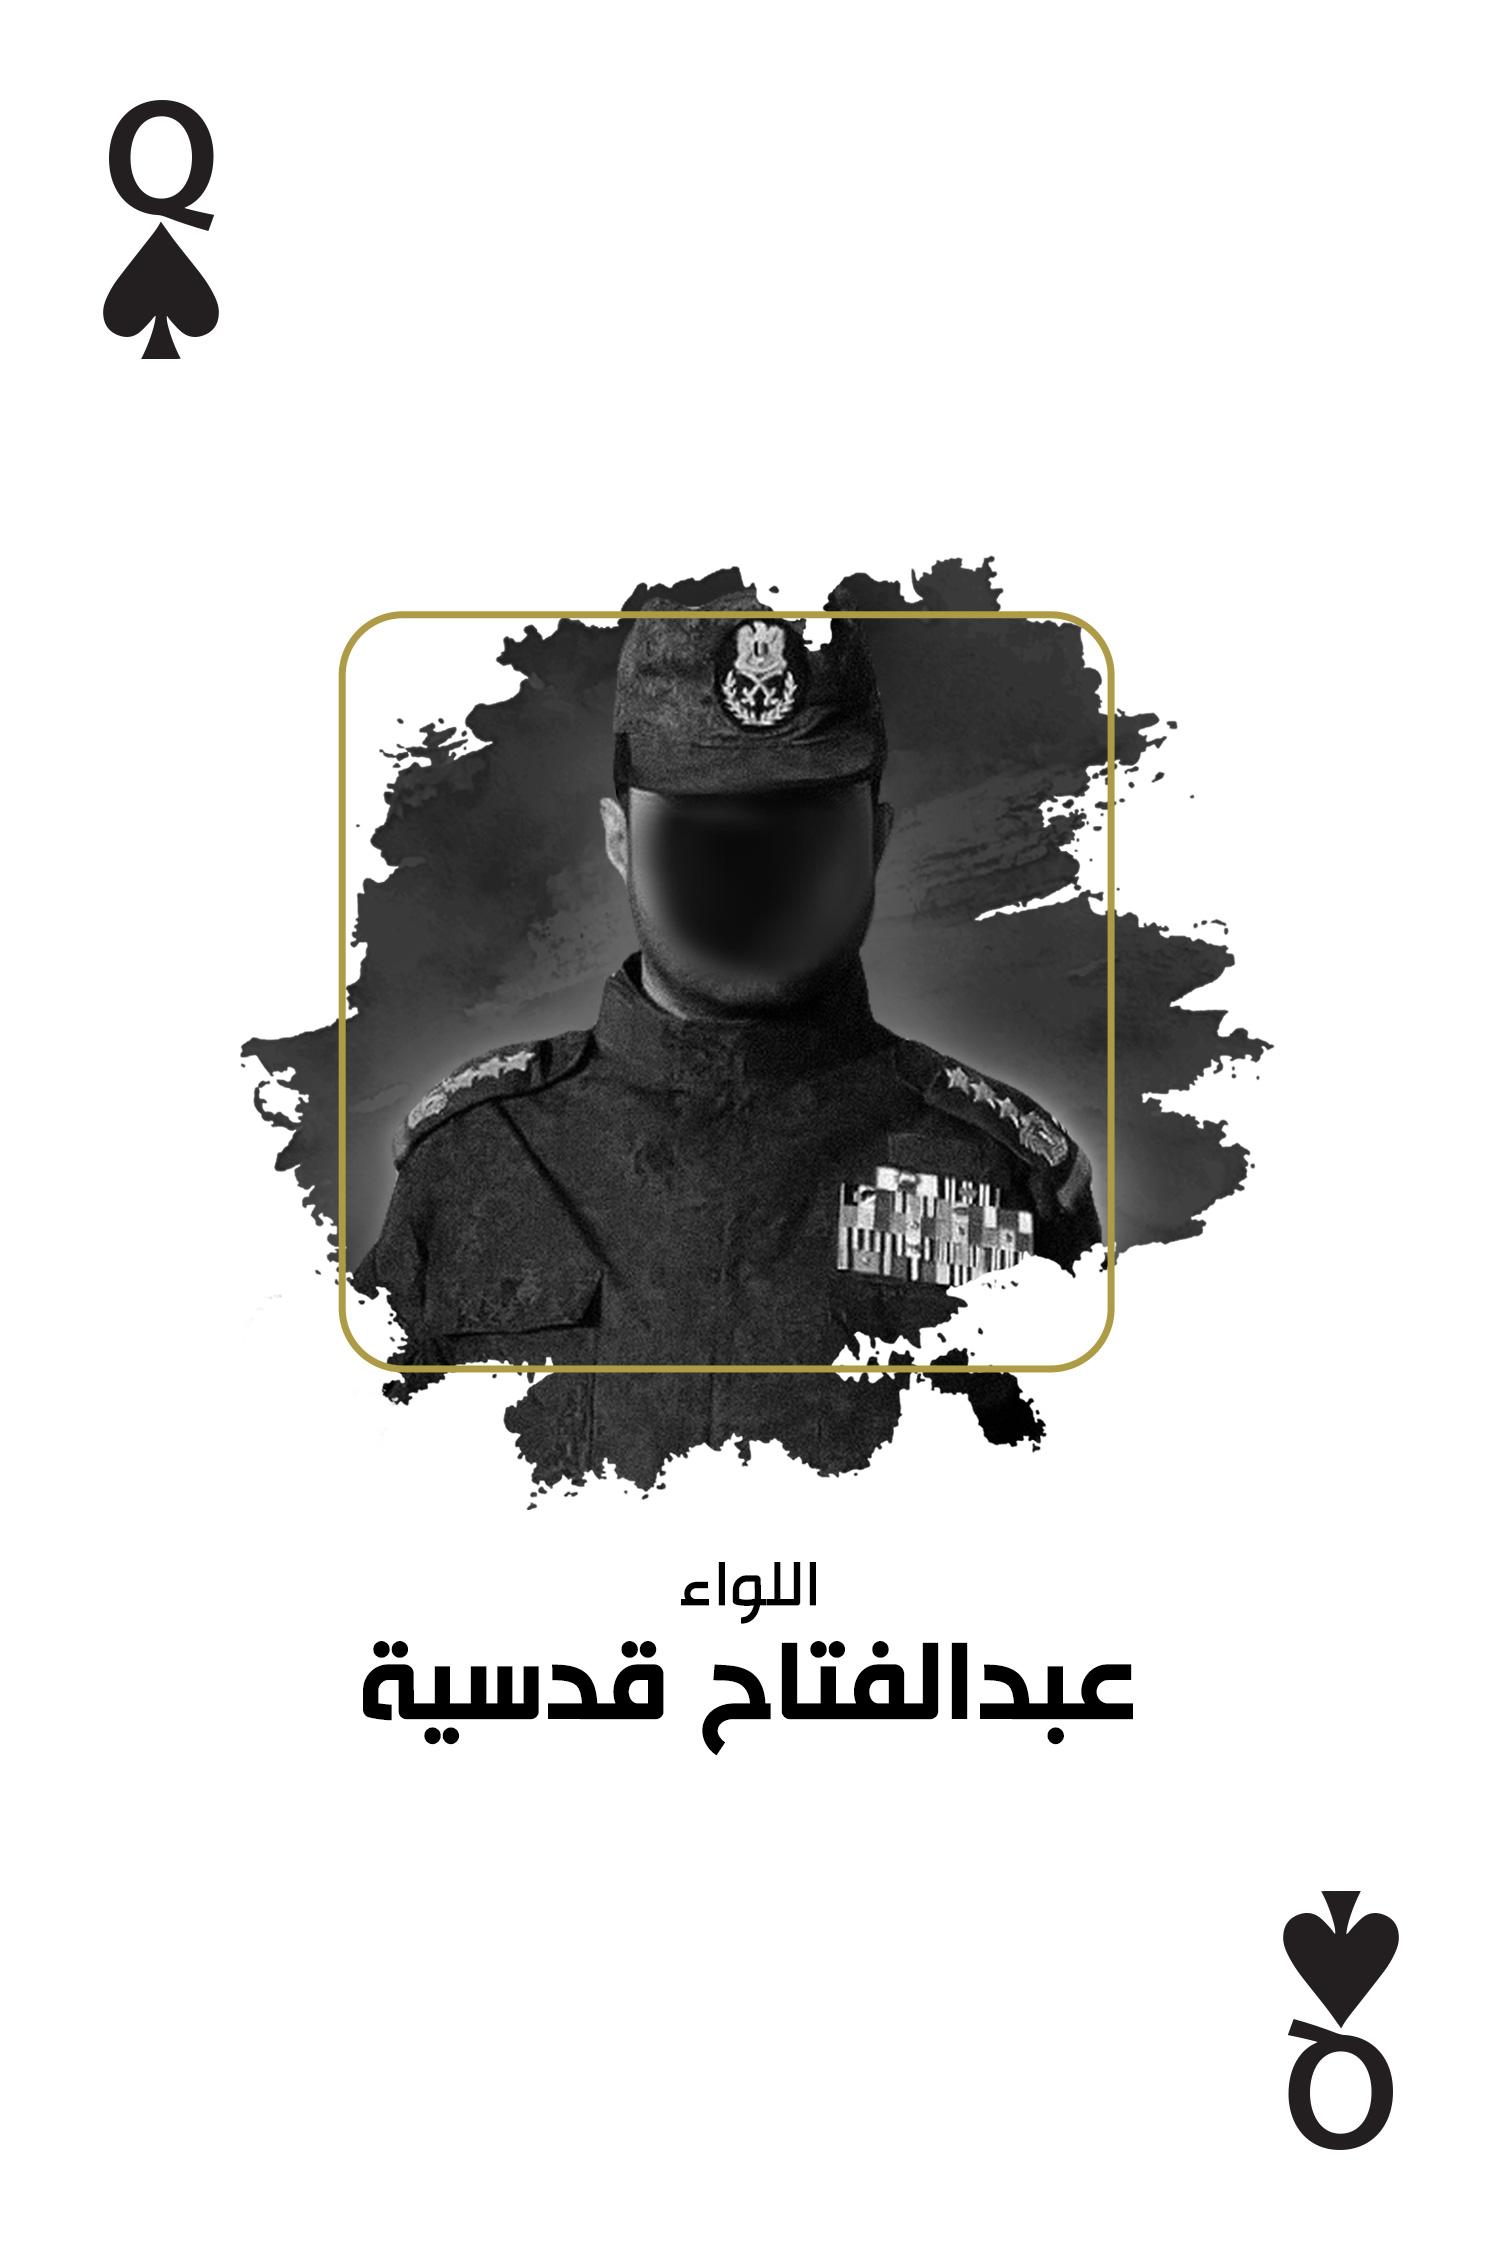 مع العدالة - عبدالفتاح سليمان قدسية